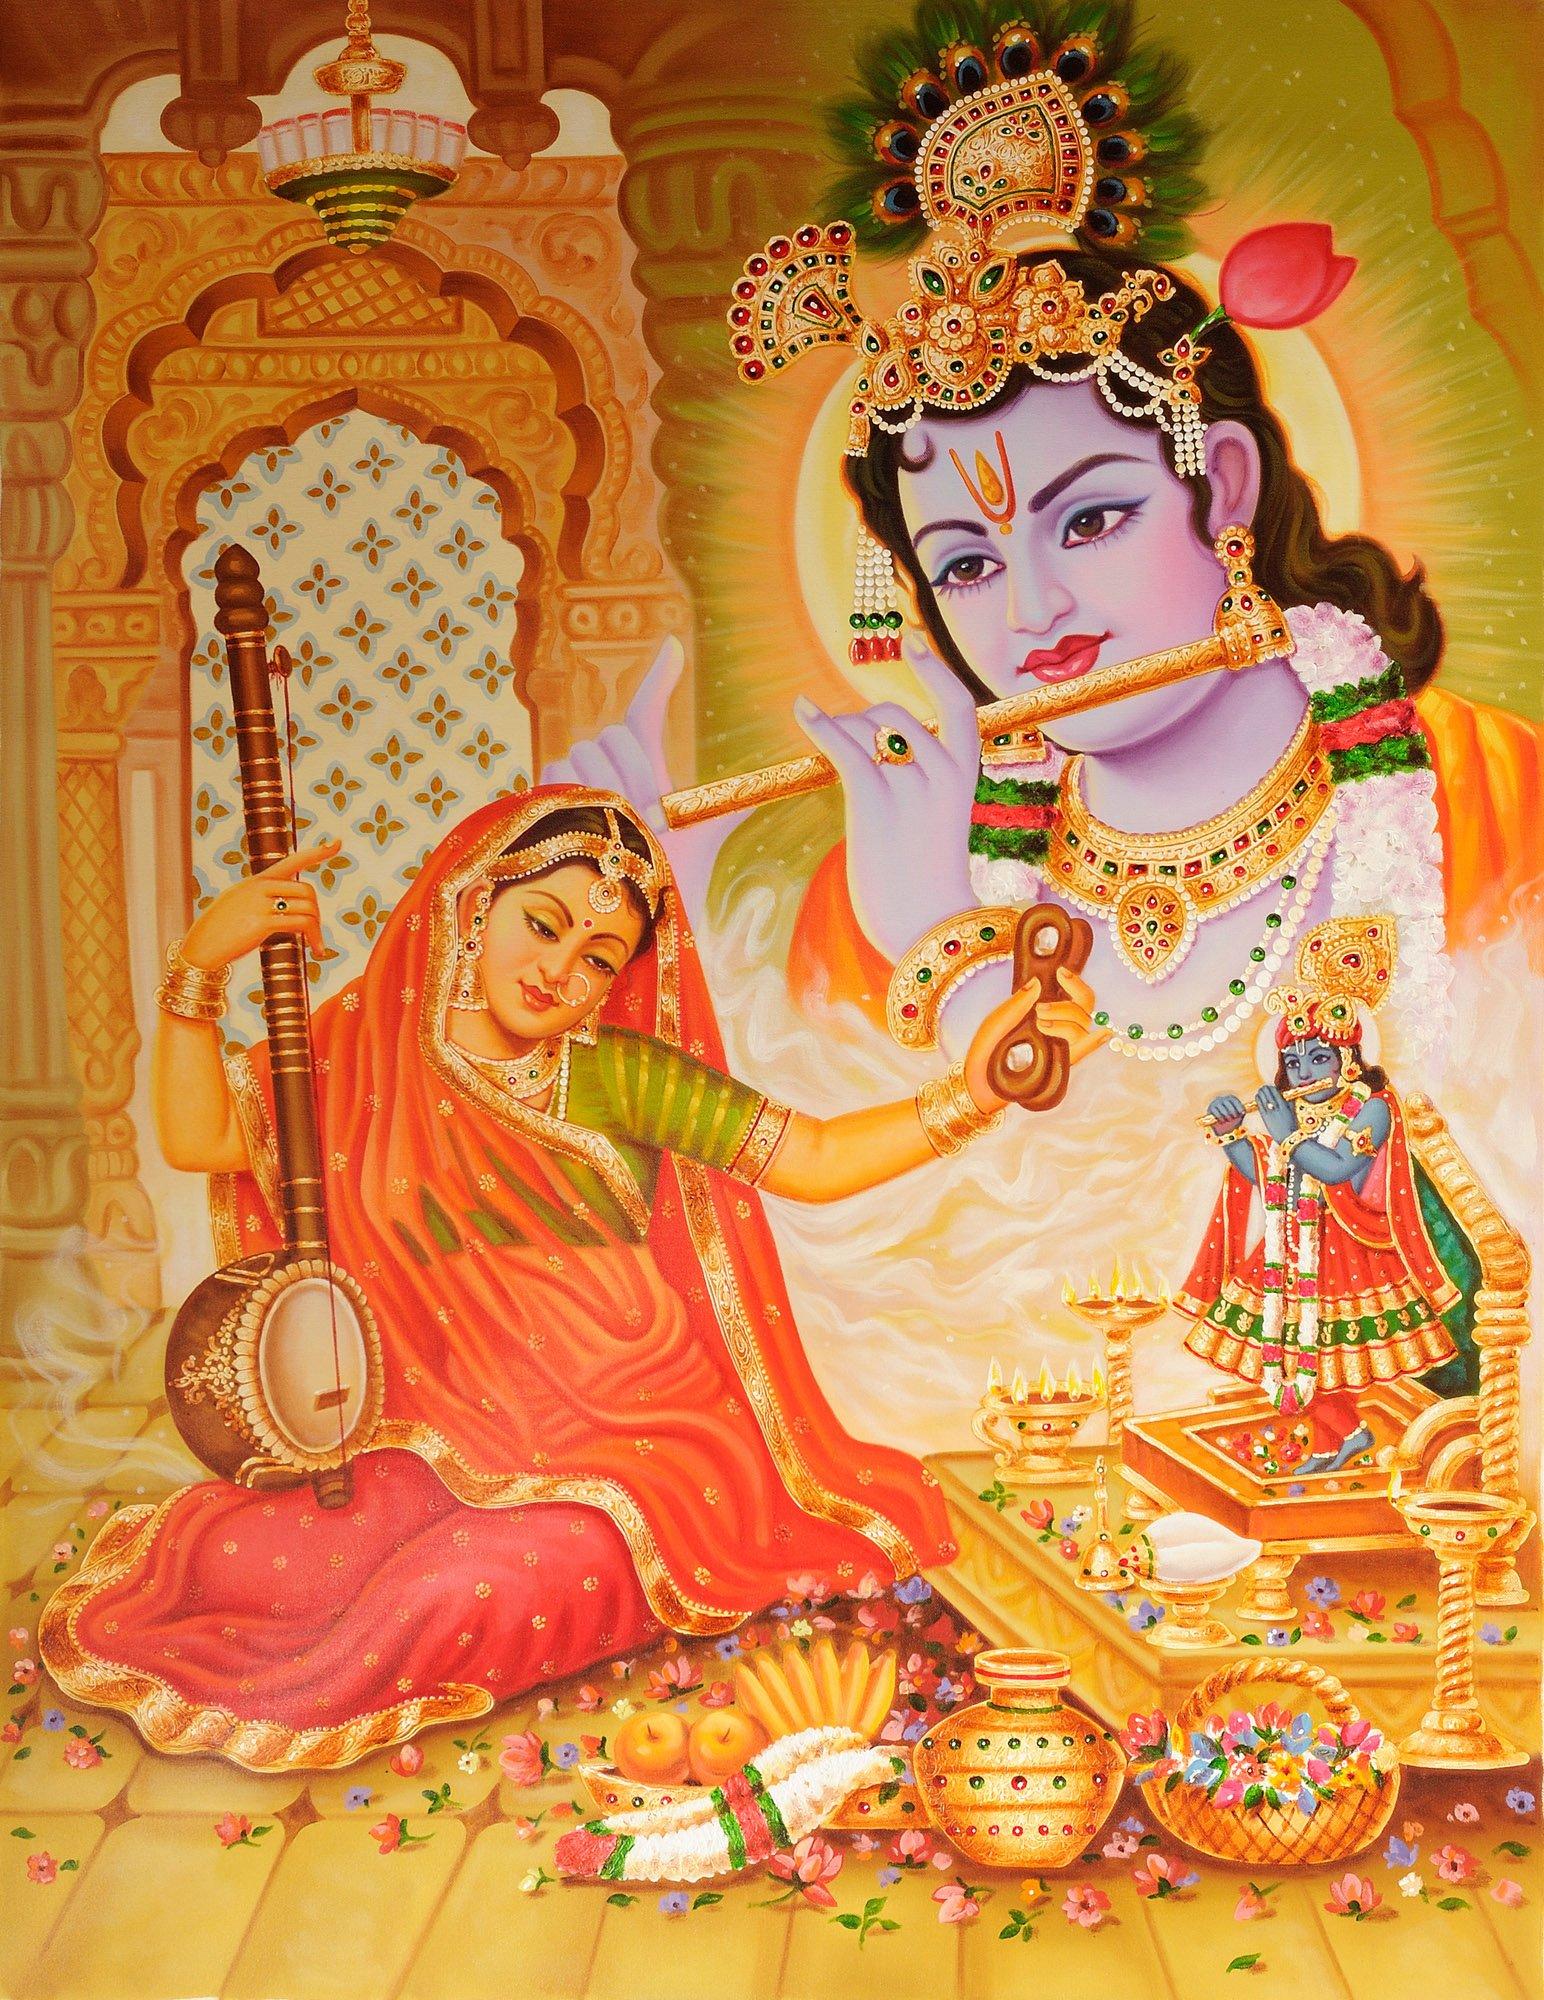 mirabai and krishna